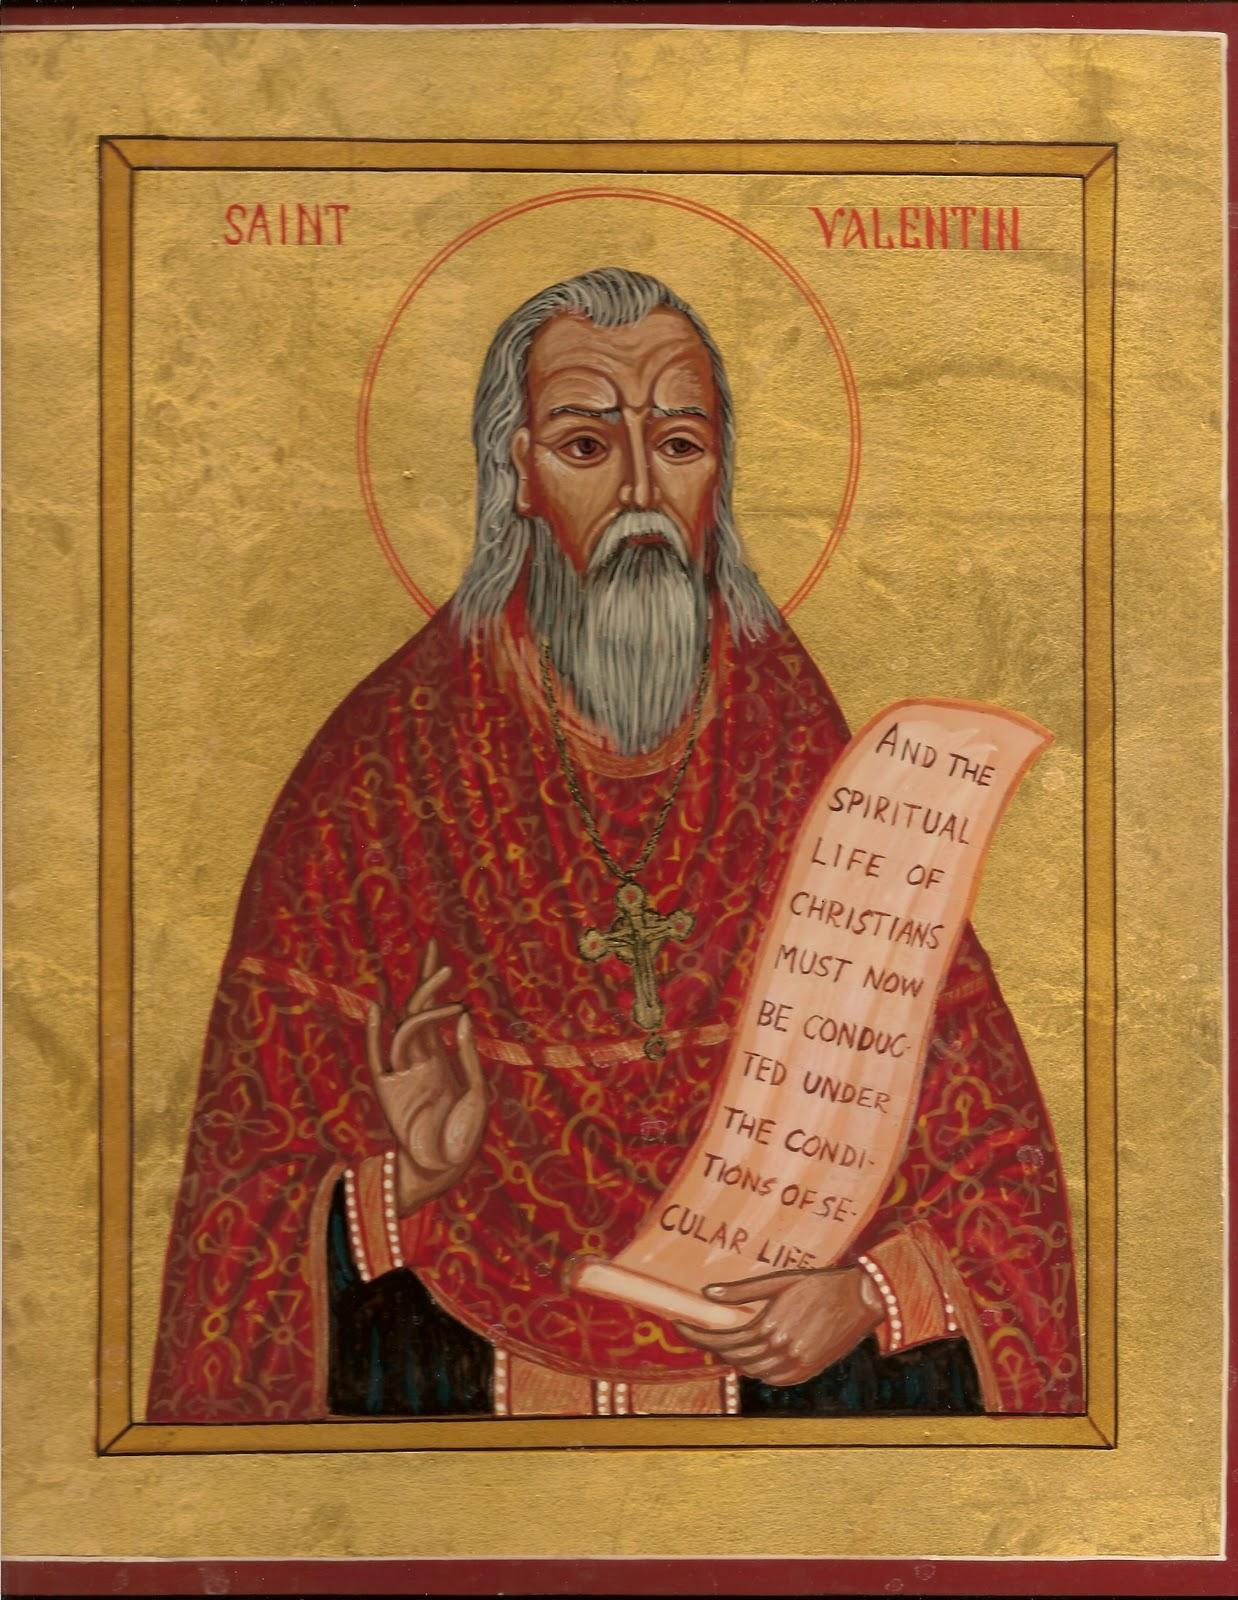 Valentine Day 2020 - St. Valentine